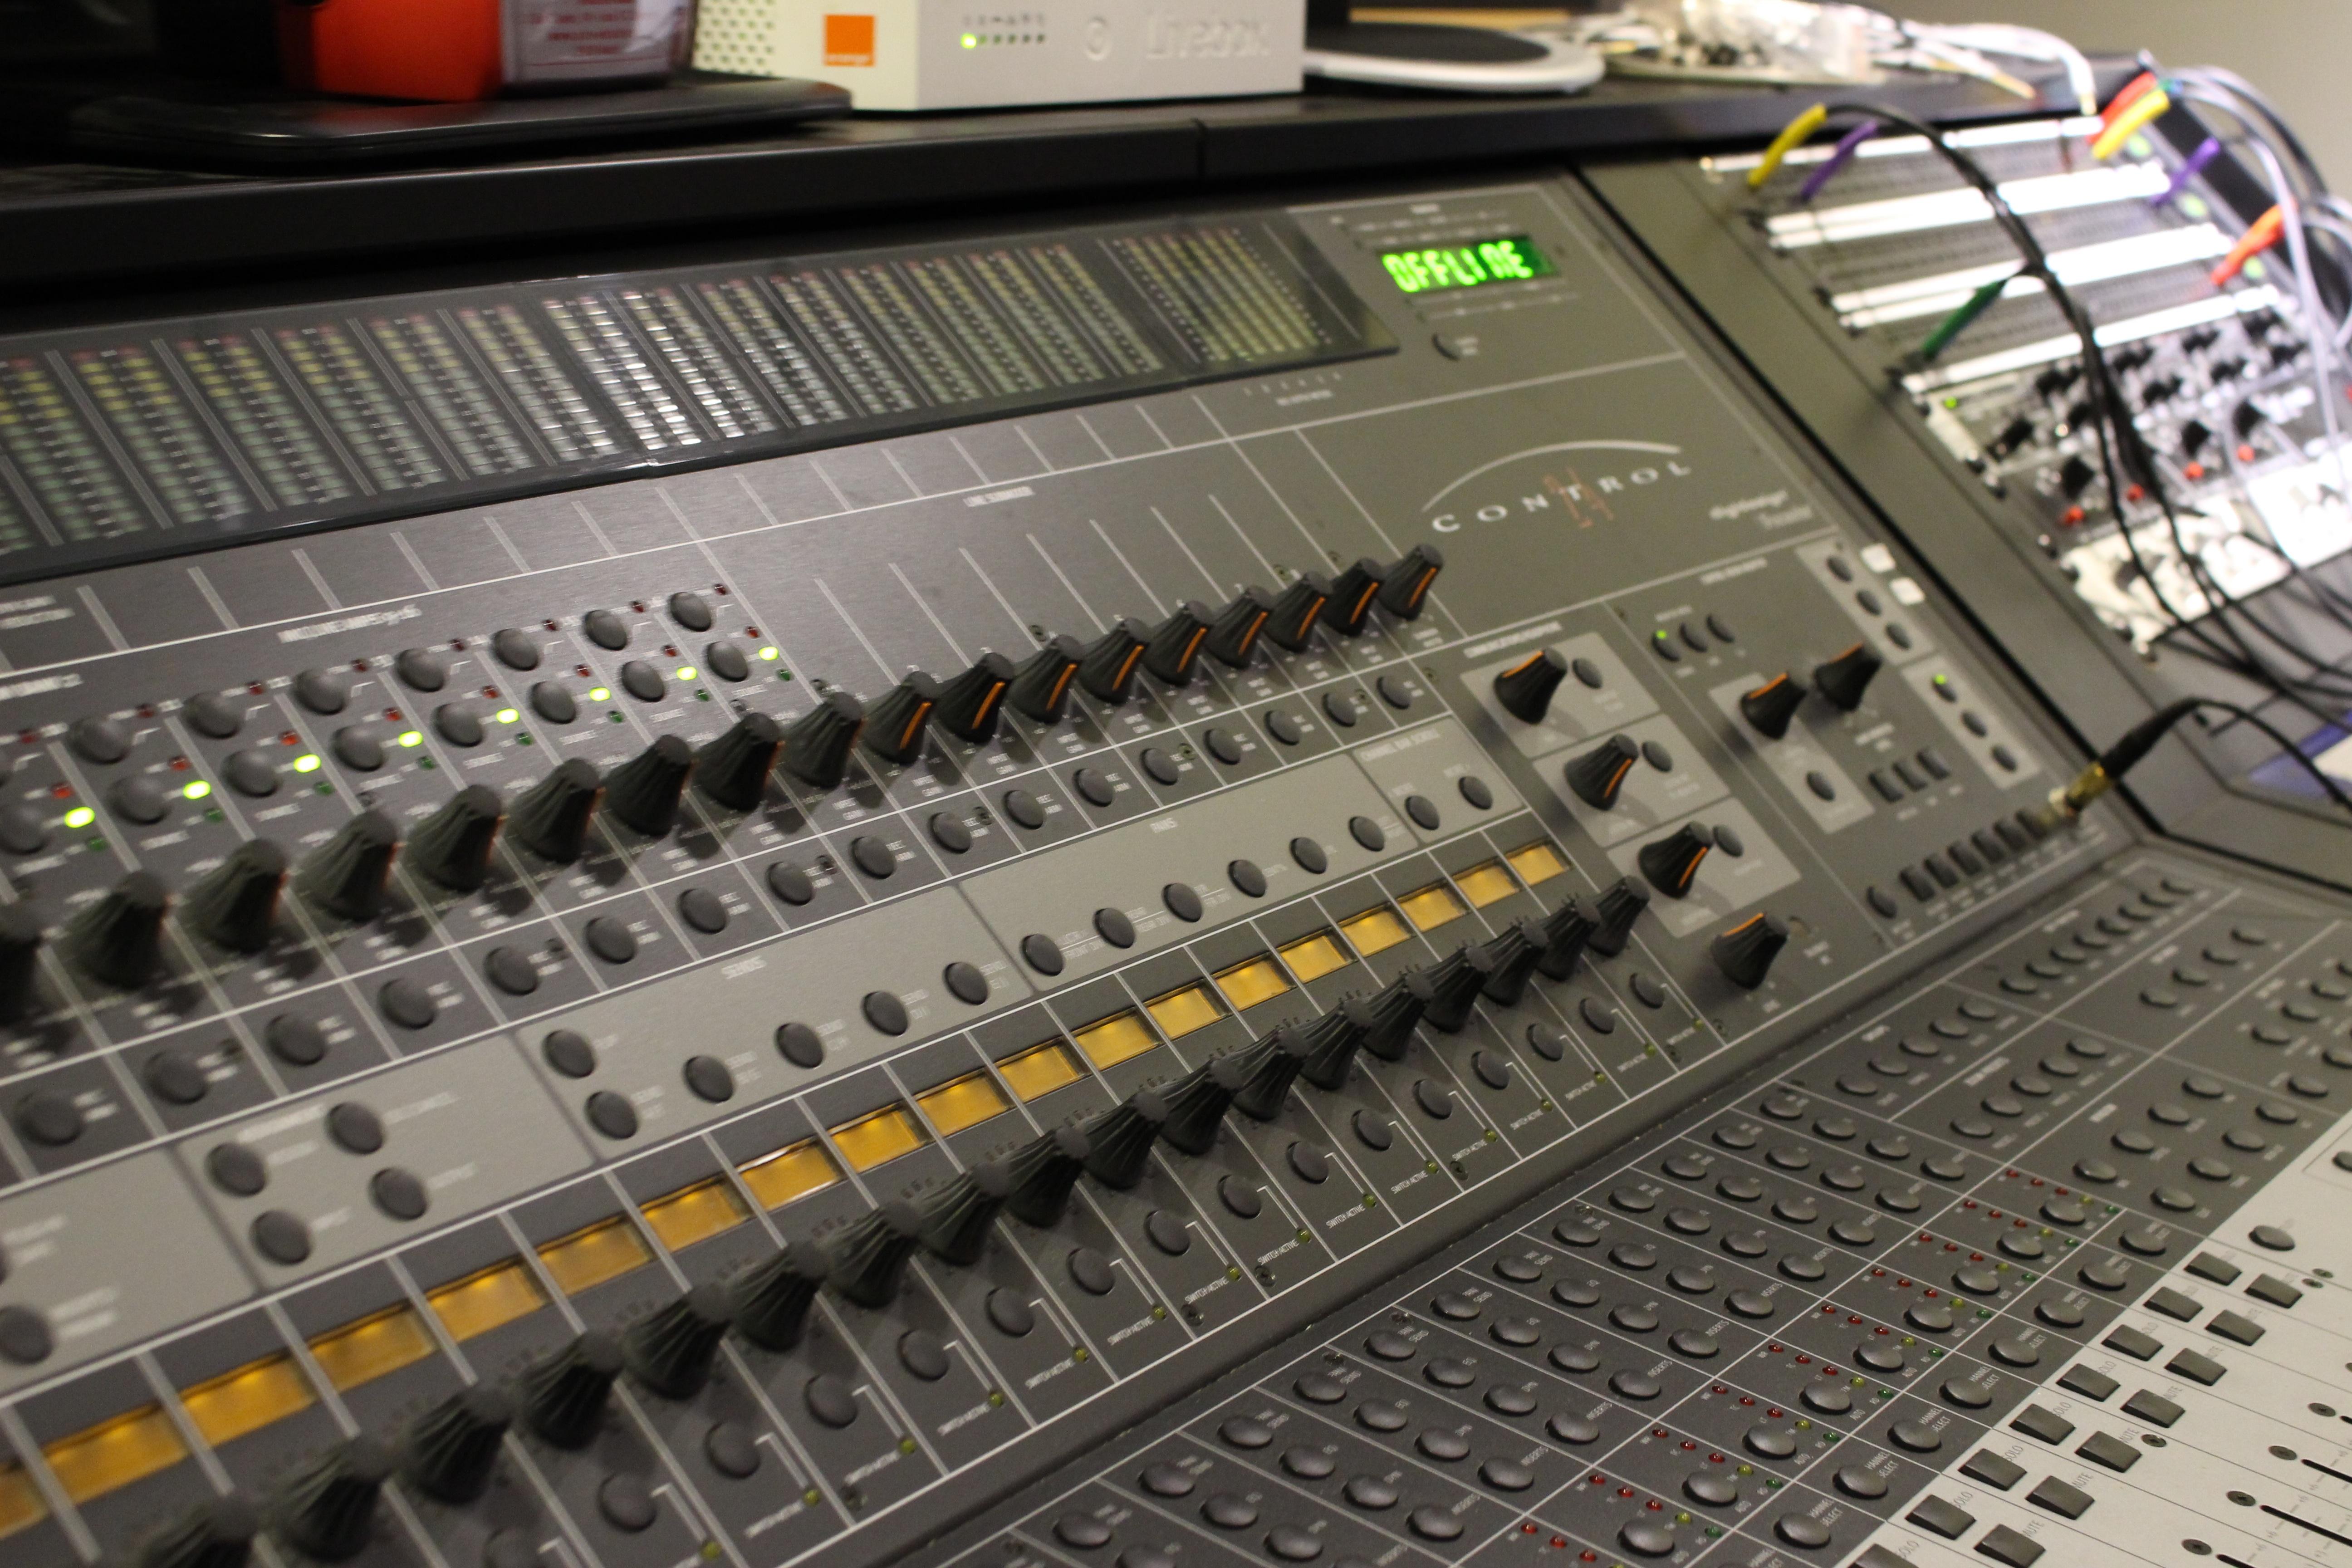 Скачать аудио студию на компьютер бесплатно